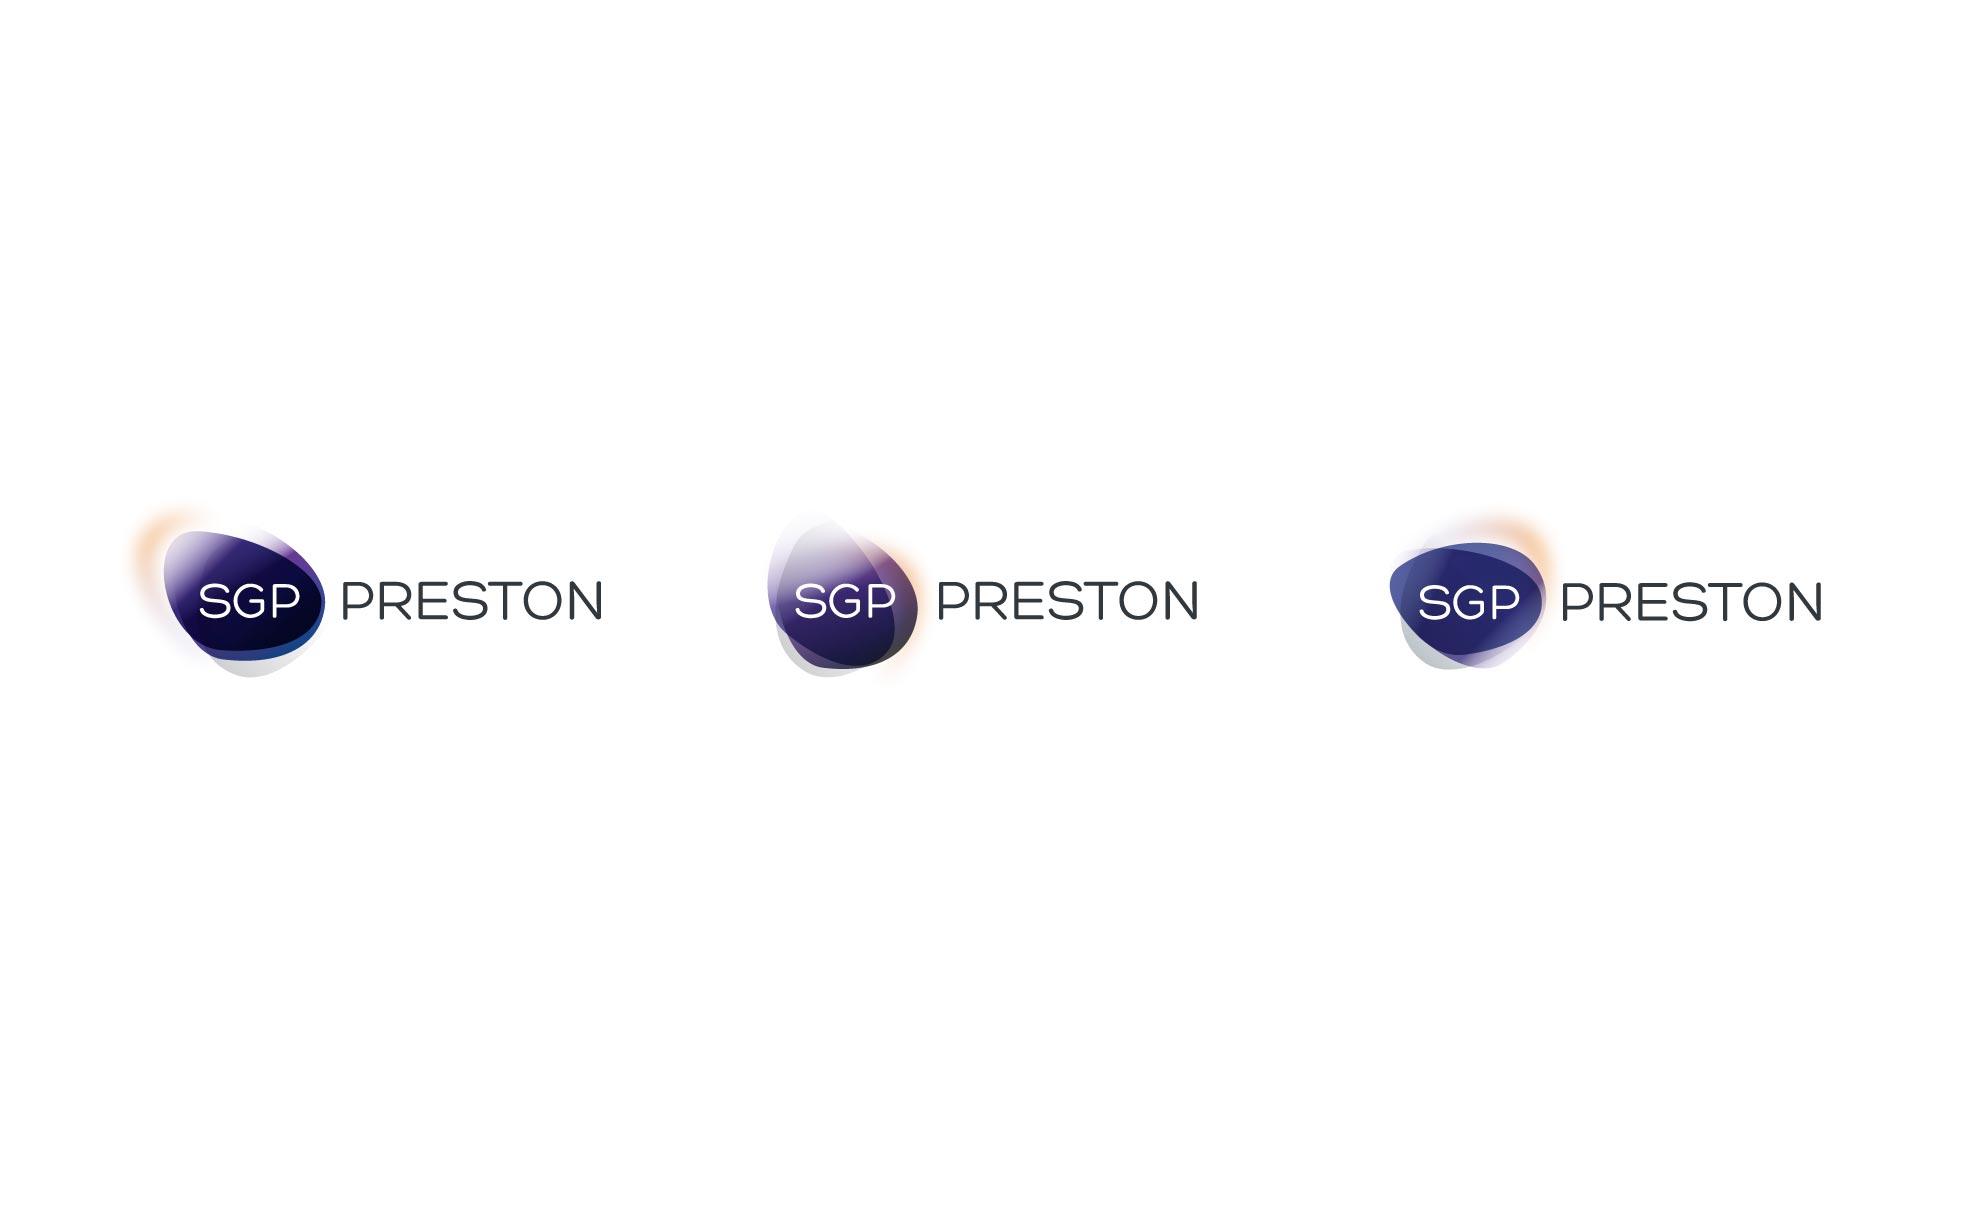 SGP Preston Identity Logotype Logo